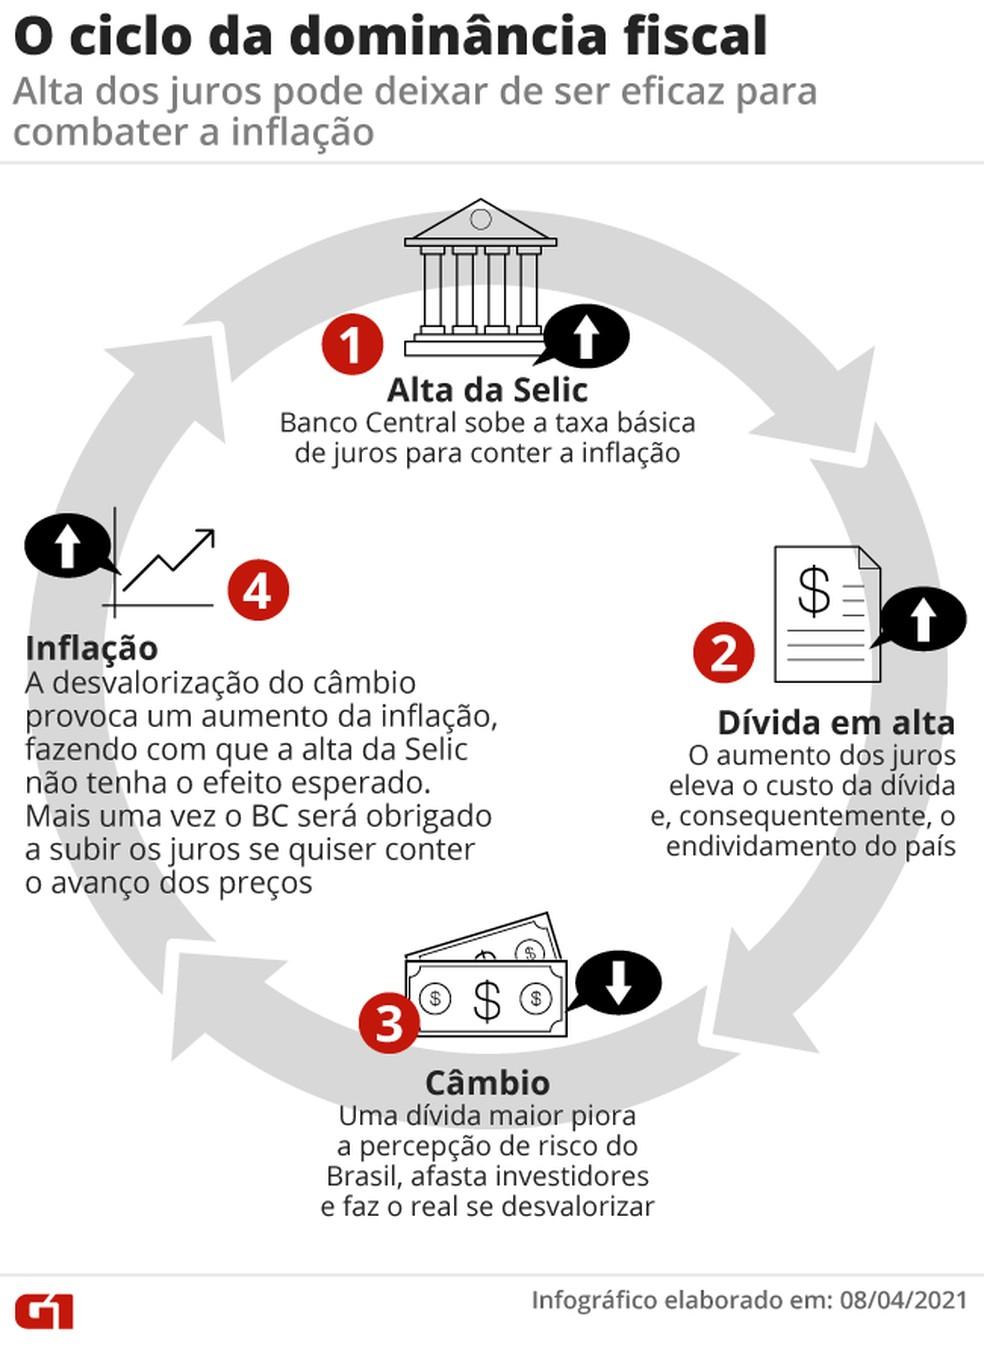 O ciclo da dominância fiscal — Foto: Elcio Horiuchi/Arte G1